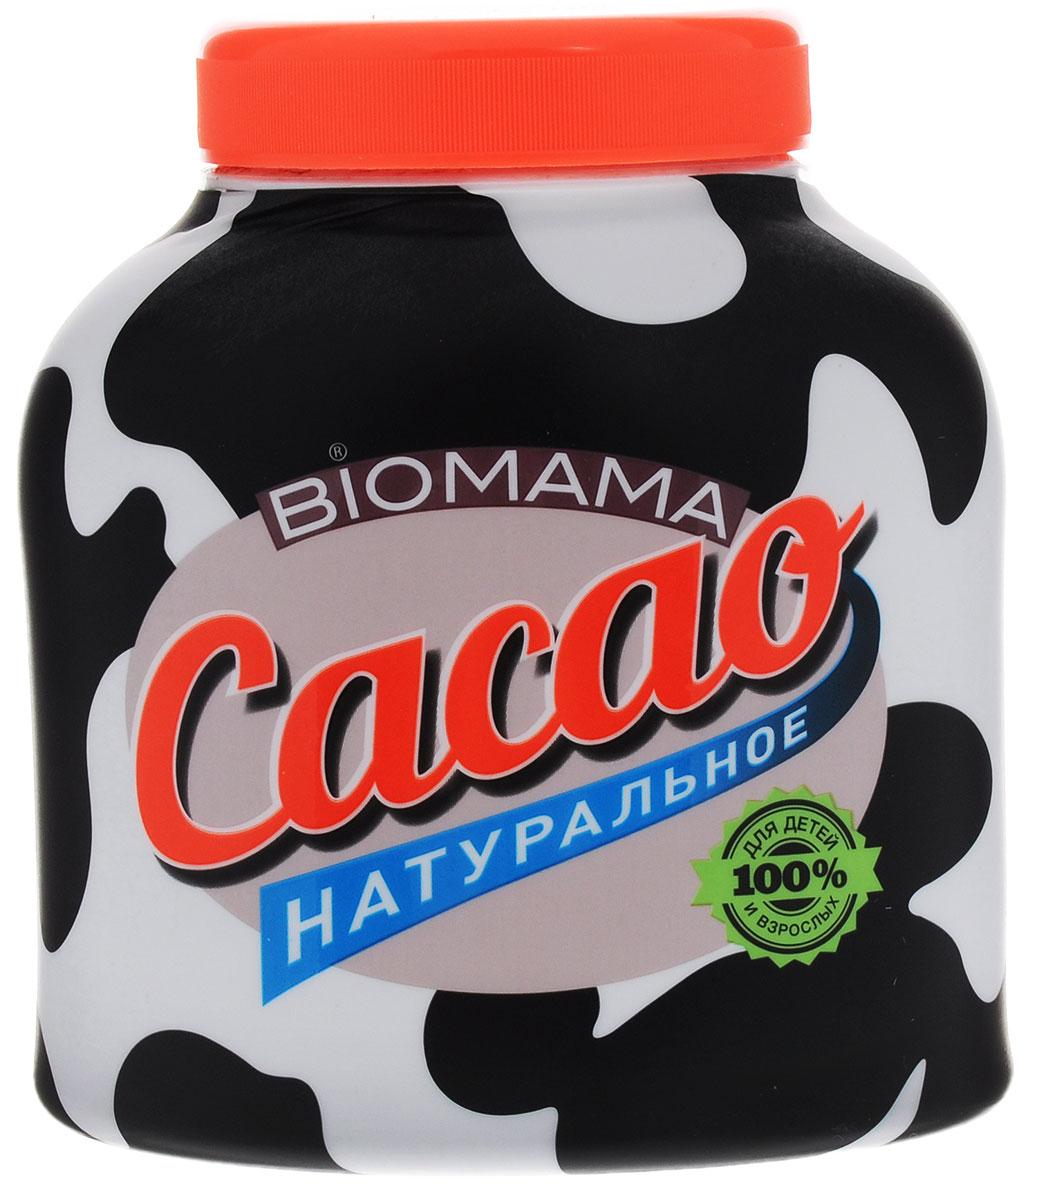 Biomama какао-напиток растворимый гранулированный, 250 г0120710Biomama — это вкусный и полезный какао, приготовленный из отборных бобов Сriollo, собранных в районе Берега Слоновой Кости. Какао Biomama создан специально для детей и их мам, которые заботятся об укреплении иммунитета малыша и его полноценном, правильном развитии. В составе какао Biomama — комплекс витаминов, так необходимых для роста ребенка и профилактики вирусных заболеваний. Несложно будет уговорить малыша принять витамины в какао. Лучше всего предлагать Biomama на завтрак или на полдник после дневного сна.